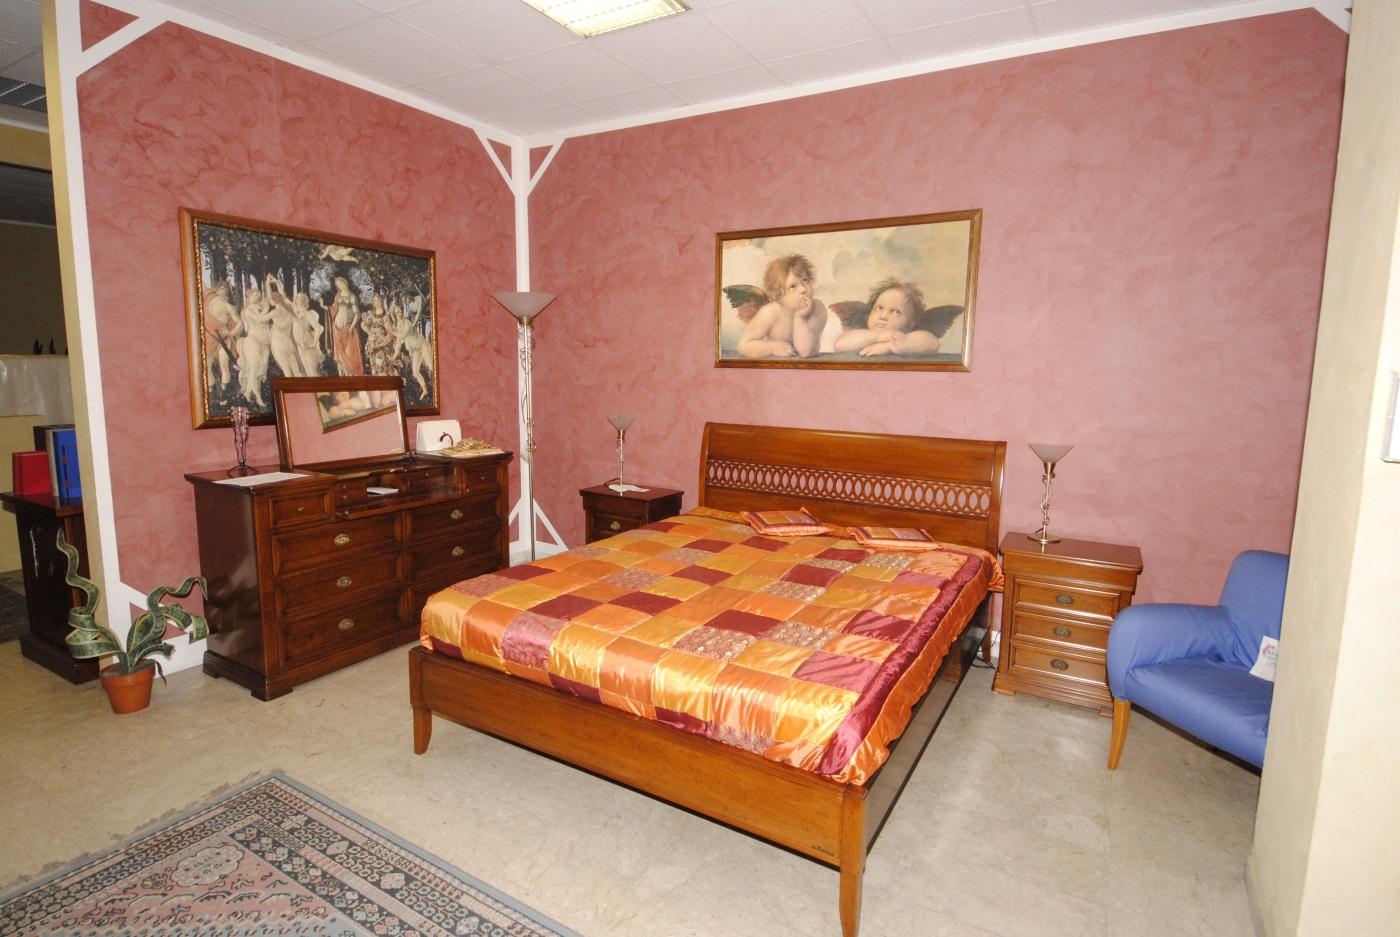 Offerta camera da letto le fablier collezione le gemme - Catalogo mobili le fablier ...